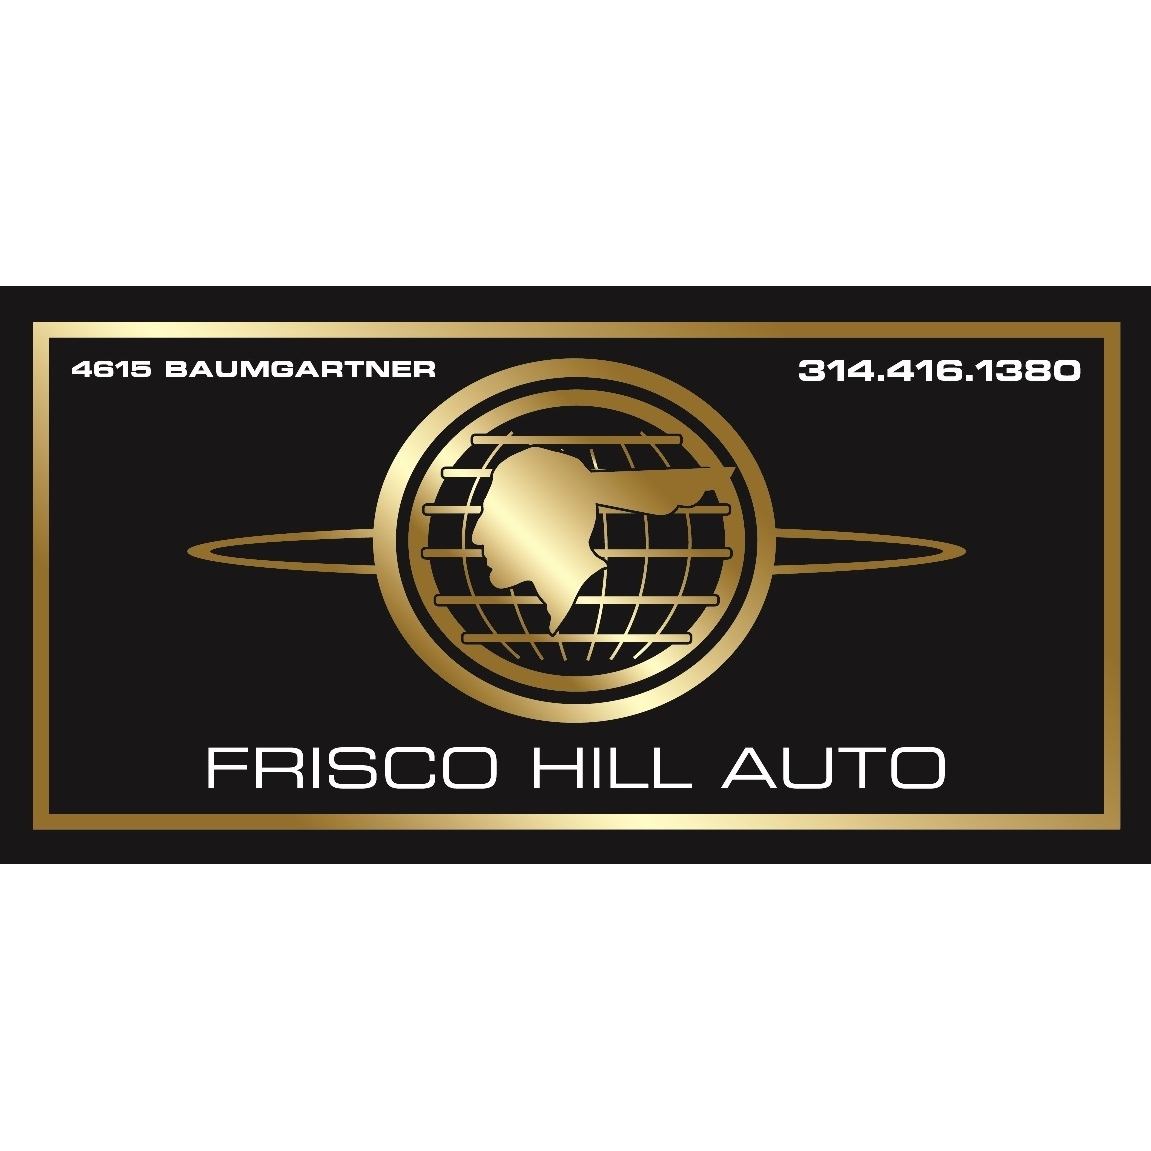 Frisco Hill Auto - St. Louis, MO 63129 - (314)416-1380 | ShowMeLocal.com